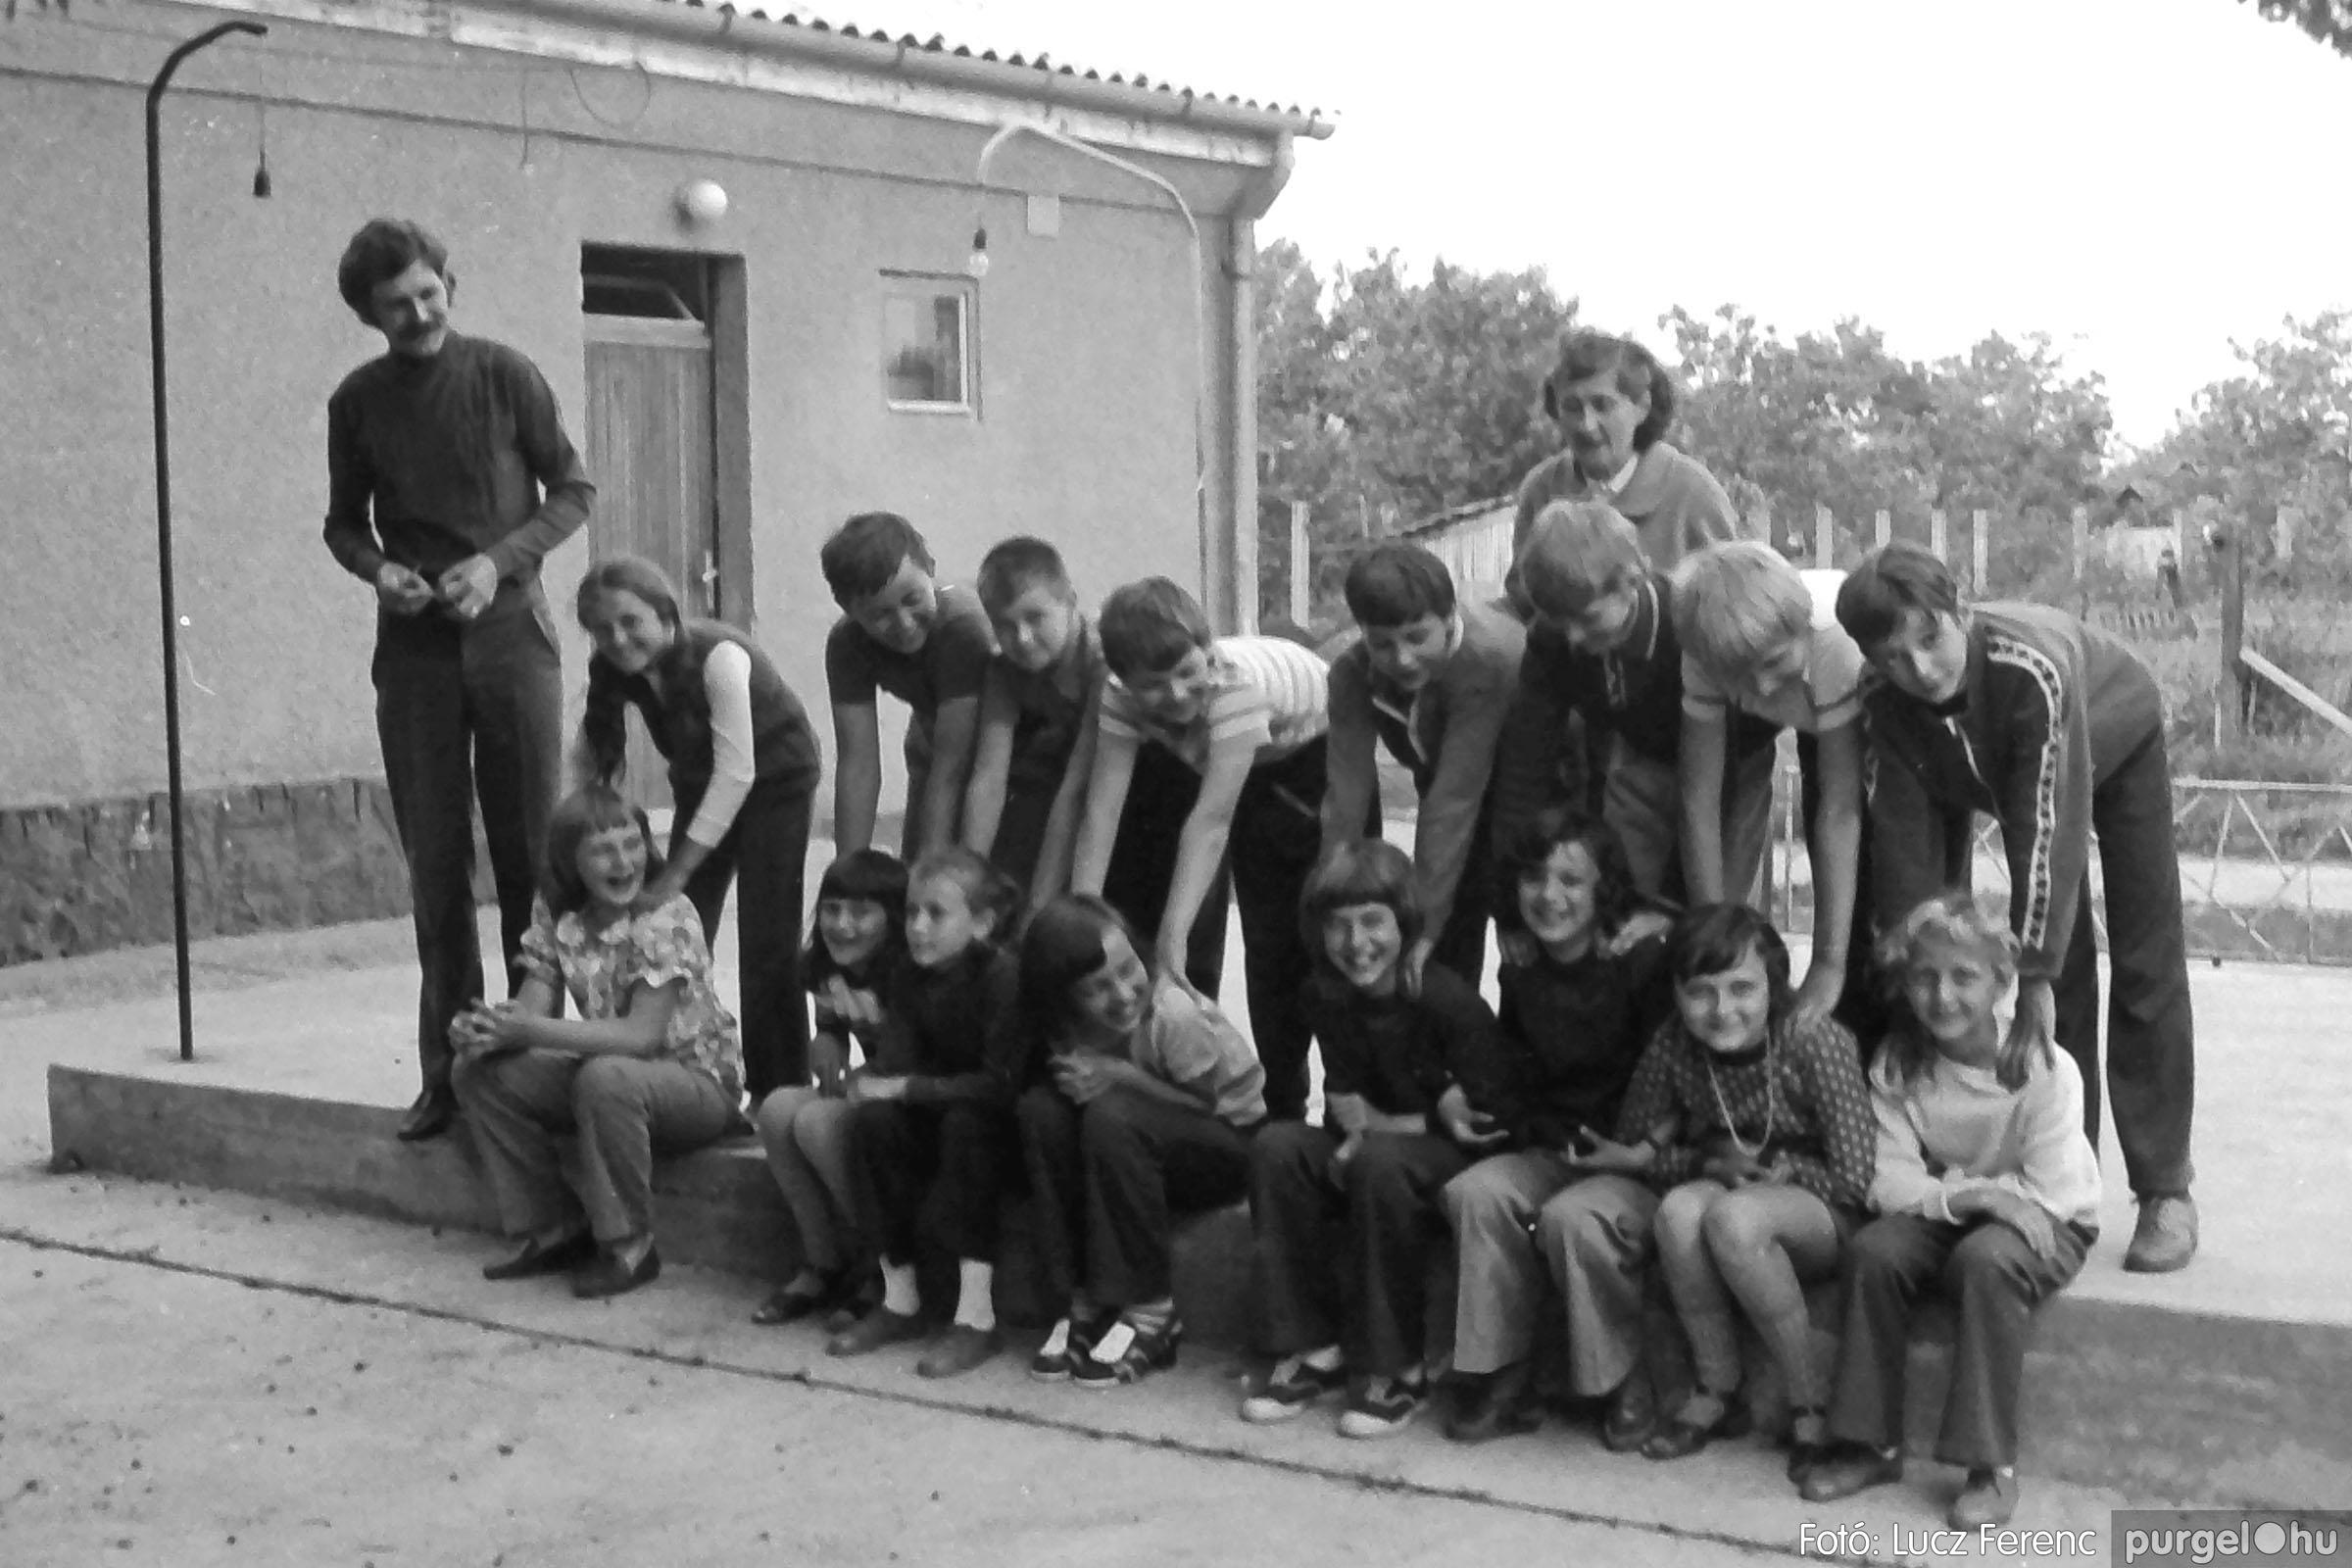 018-019 1975. Élet a kultúrházban 030 - Fotó: Lucz Ferenc IMG00077q.jpg